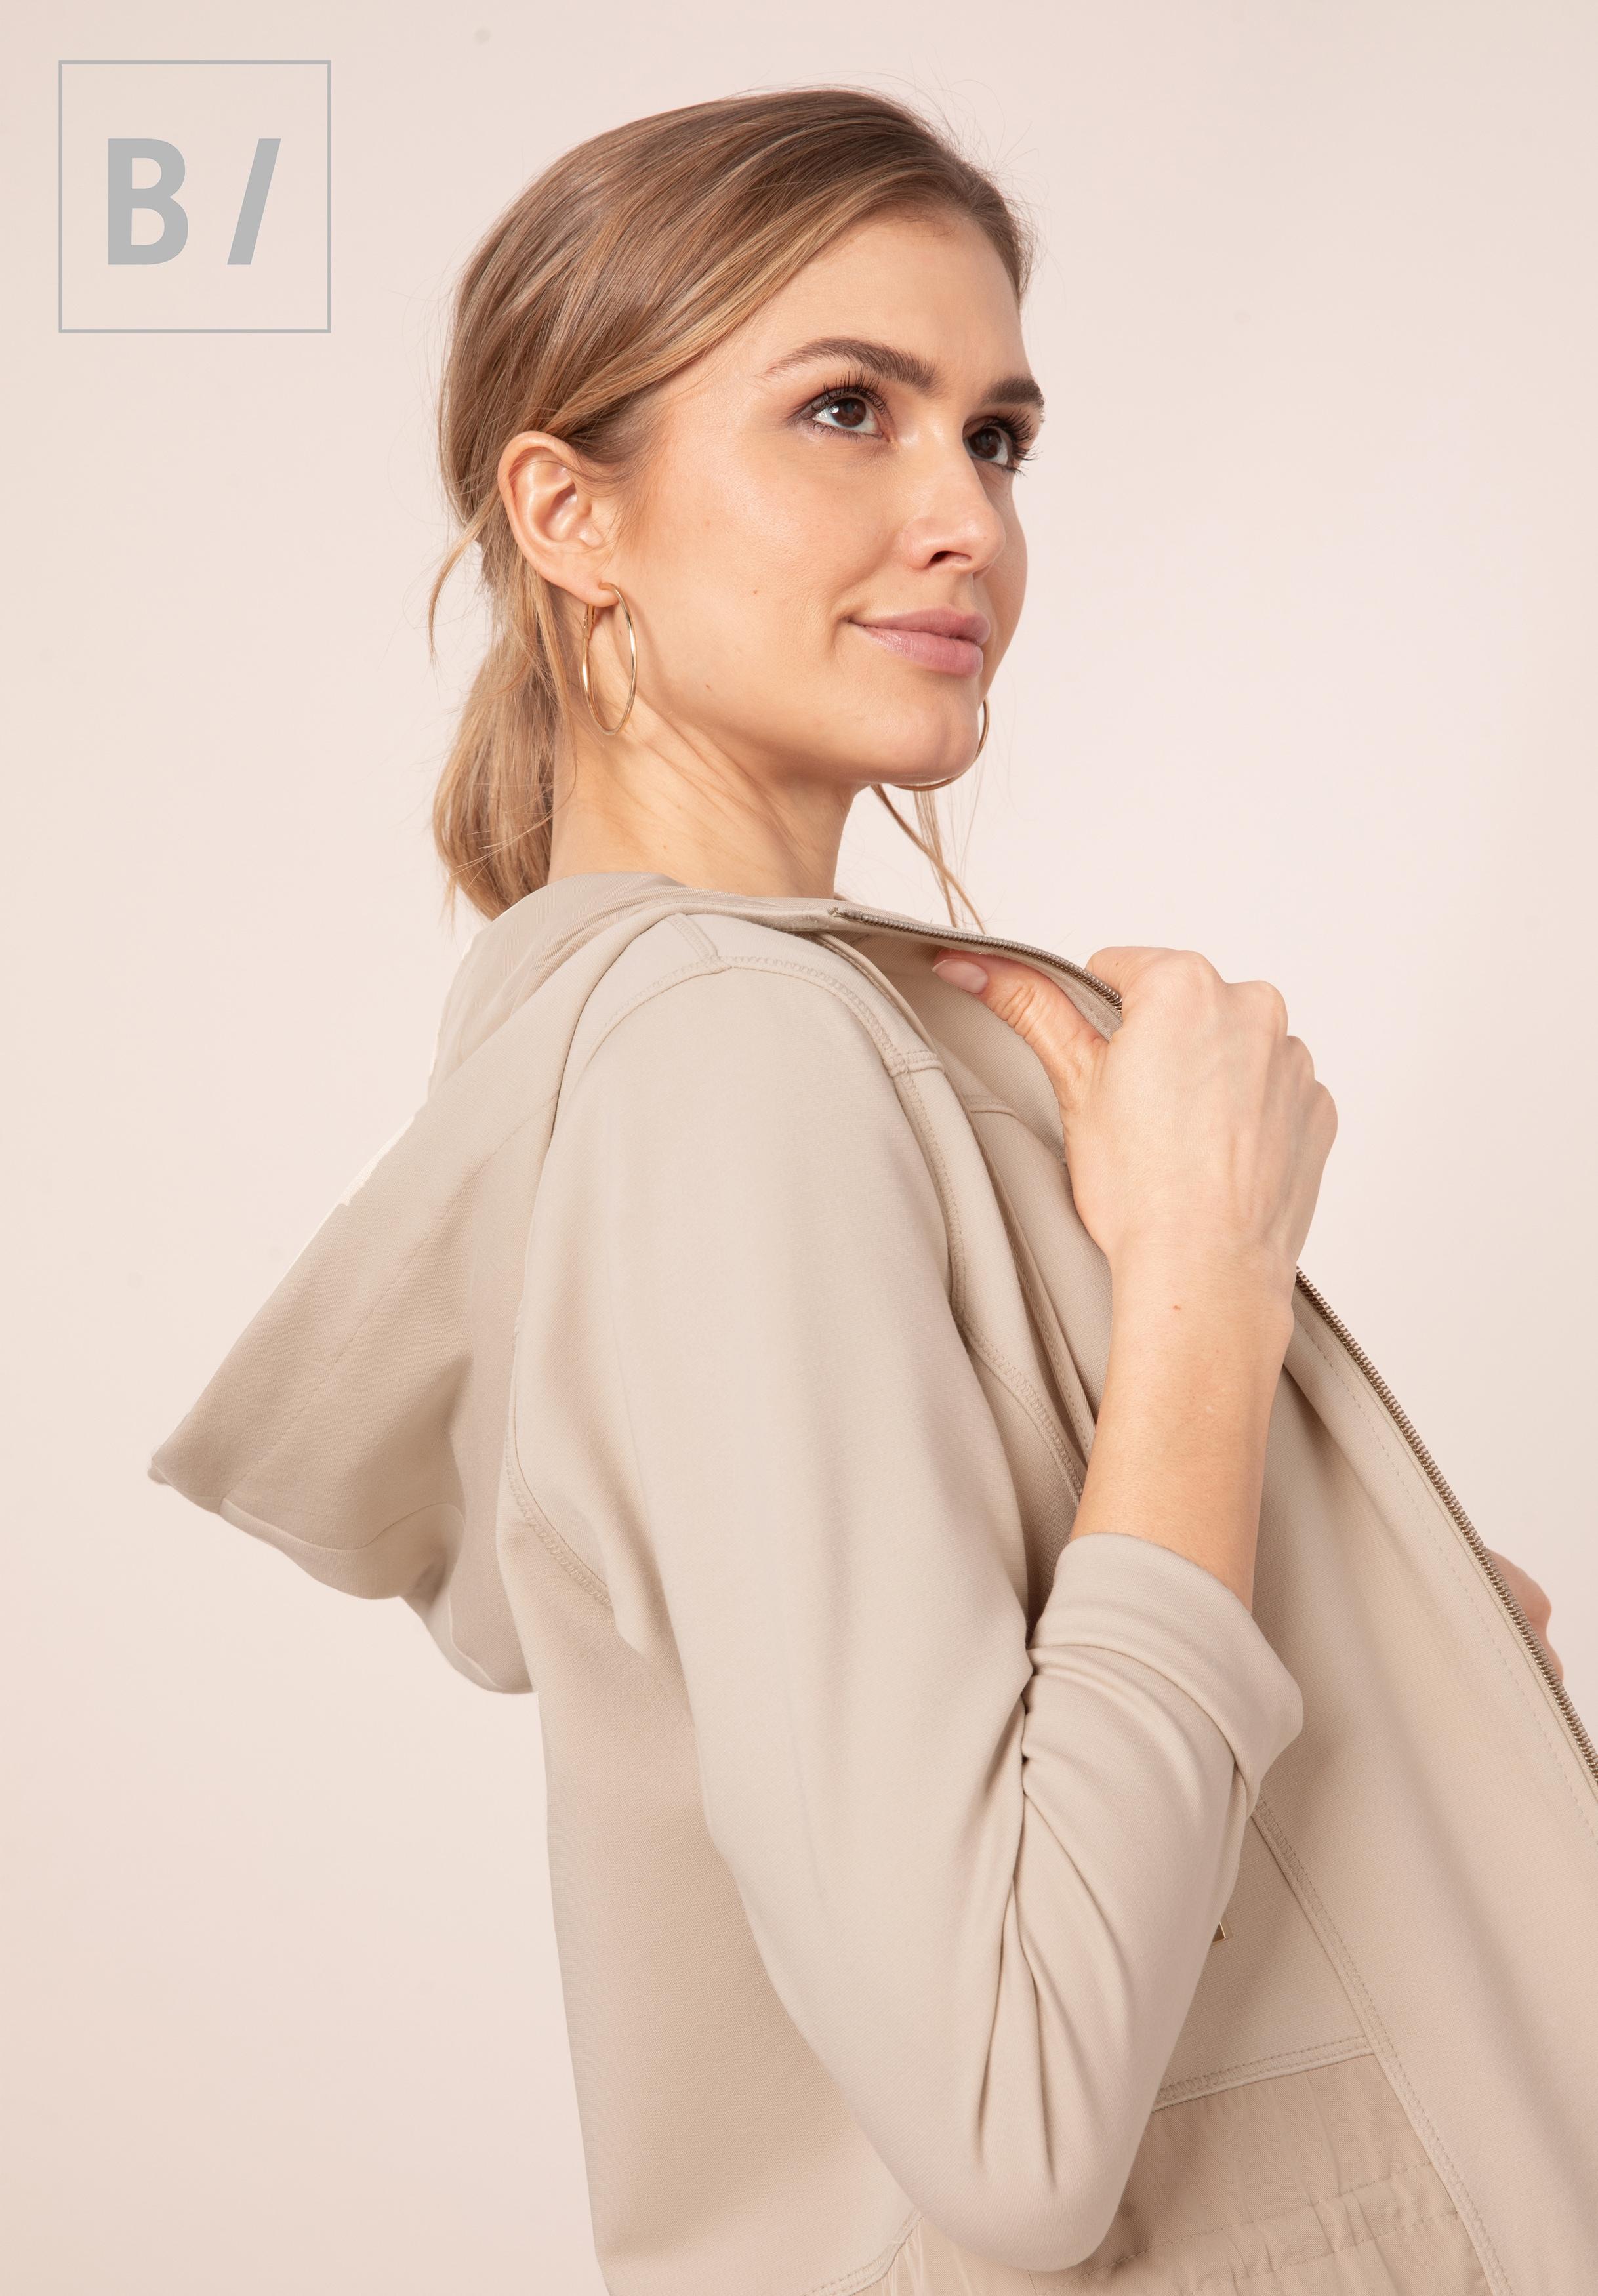 bianca -  Kurzjacke CINI, mit stylischer Kapuze und komfortablem Zipper